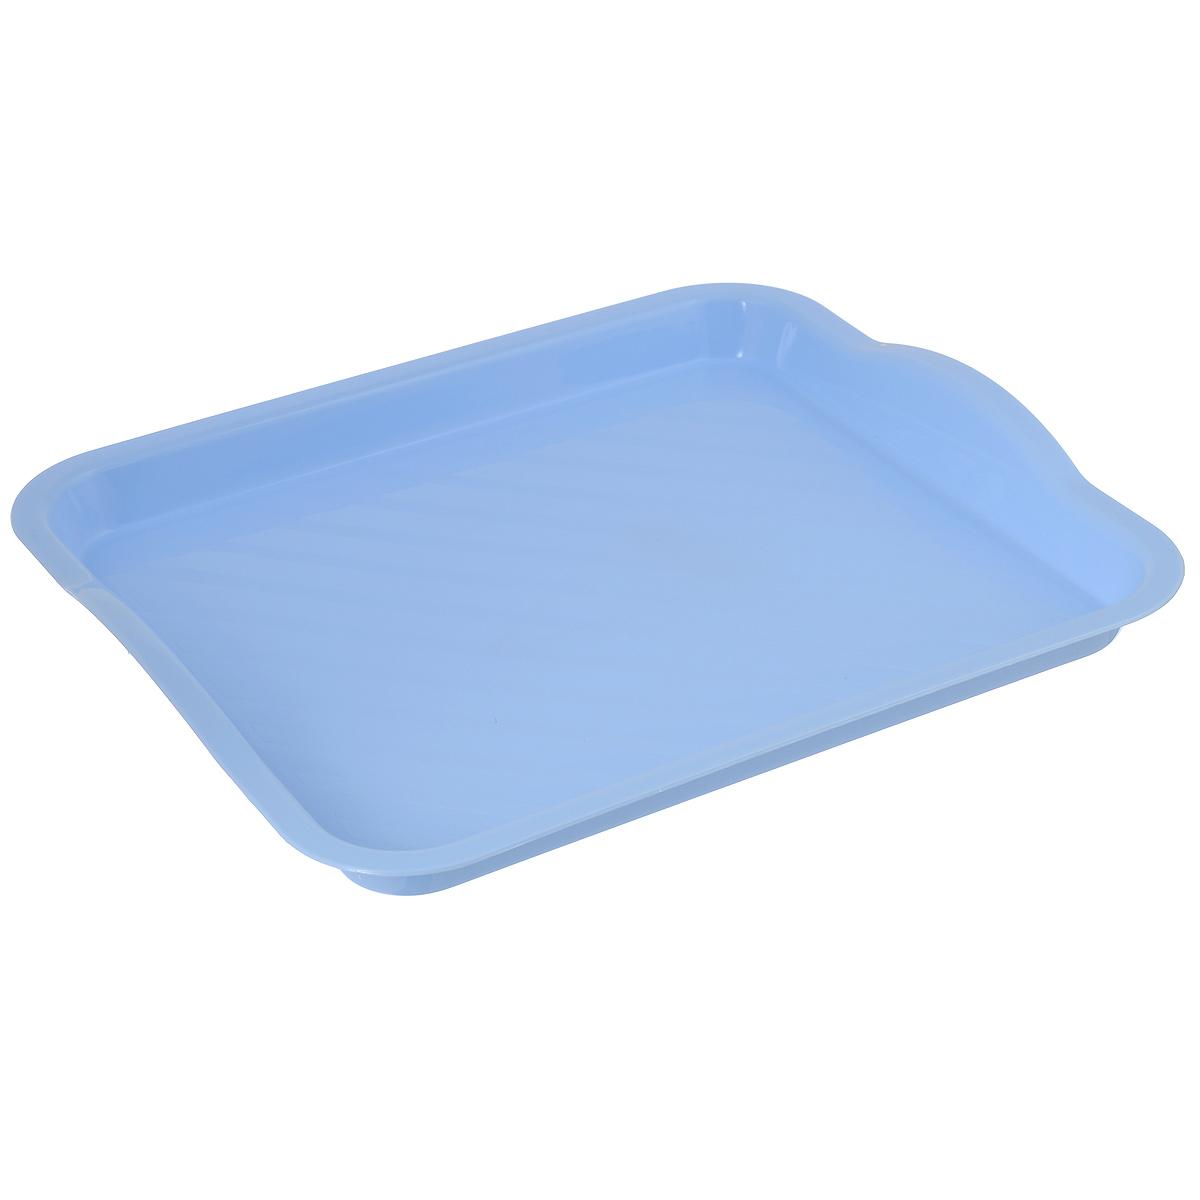 Поднос Idea, цвет: голубой, 29 см х 25 смМ 1109Поднос Idea изготовлен из высококачественного полипропилена. Он станет незаменимымпредметом для сервировки стола. Поднос не только дополнит интерьер вашей кухни, но изащитит поверхность стола от грязи и перегрева.Классический поднос Idea придется по вкусу и ценителям классики, и тем, кто предпочитаетсовременный стиль.